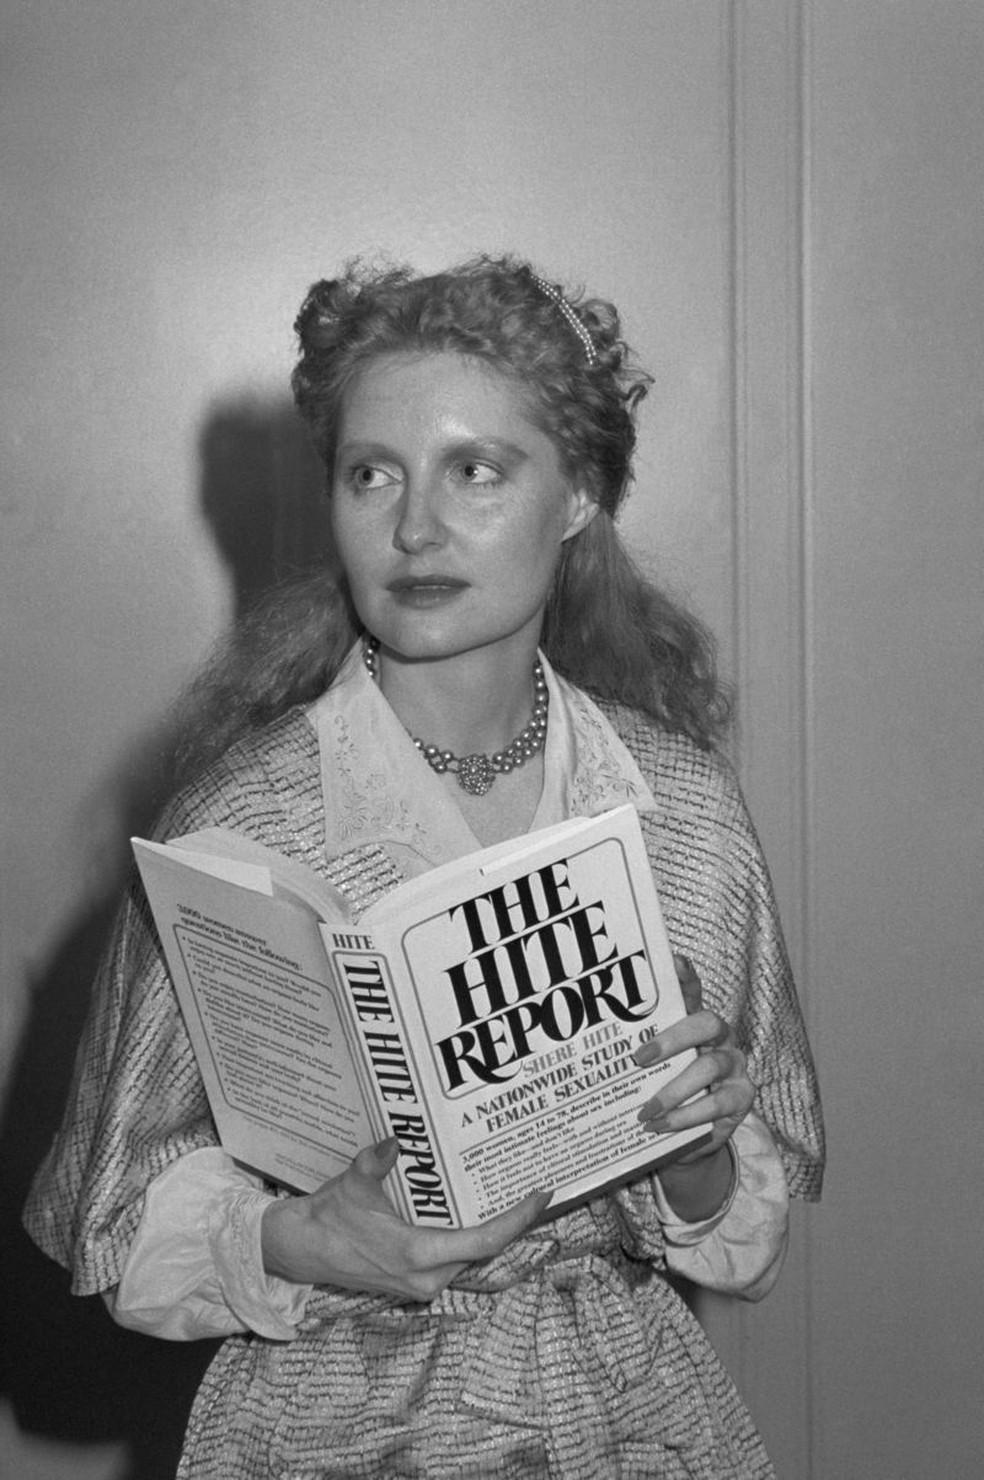 """Seu primeiro livro, """"The Hite Report"""", foi publicado em 1976 — Foto: Getty Images"""